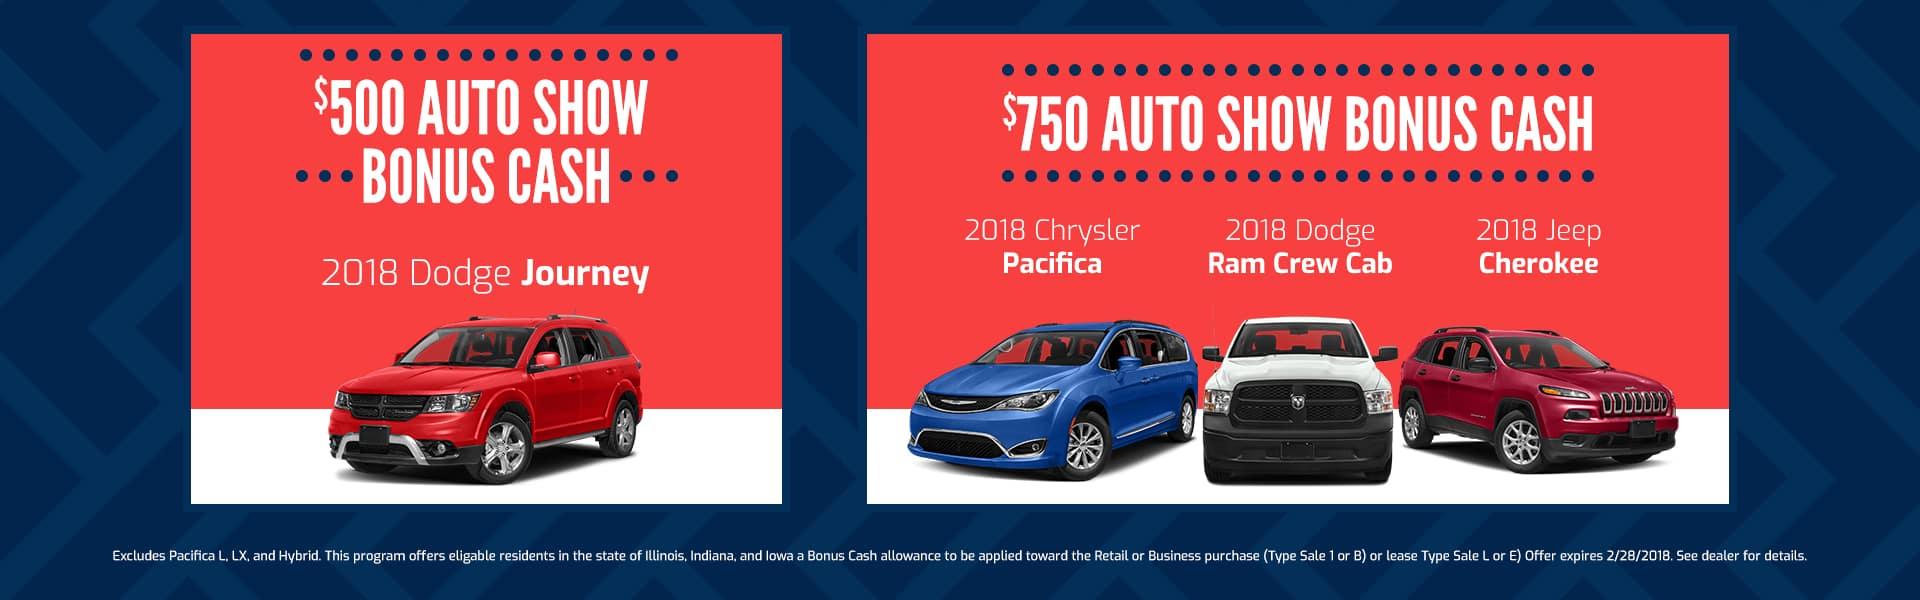 Auto Show Bonus Cash Offer February